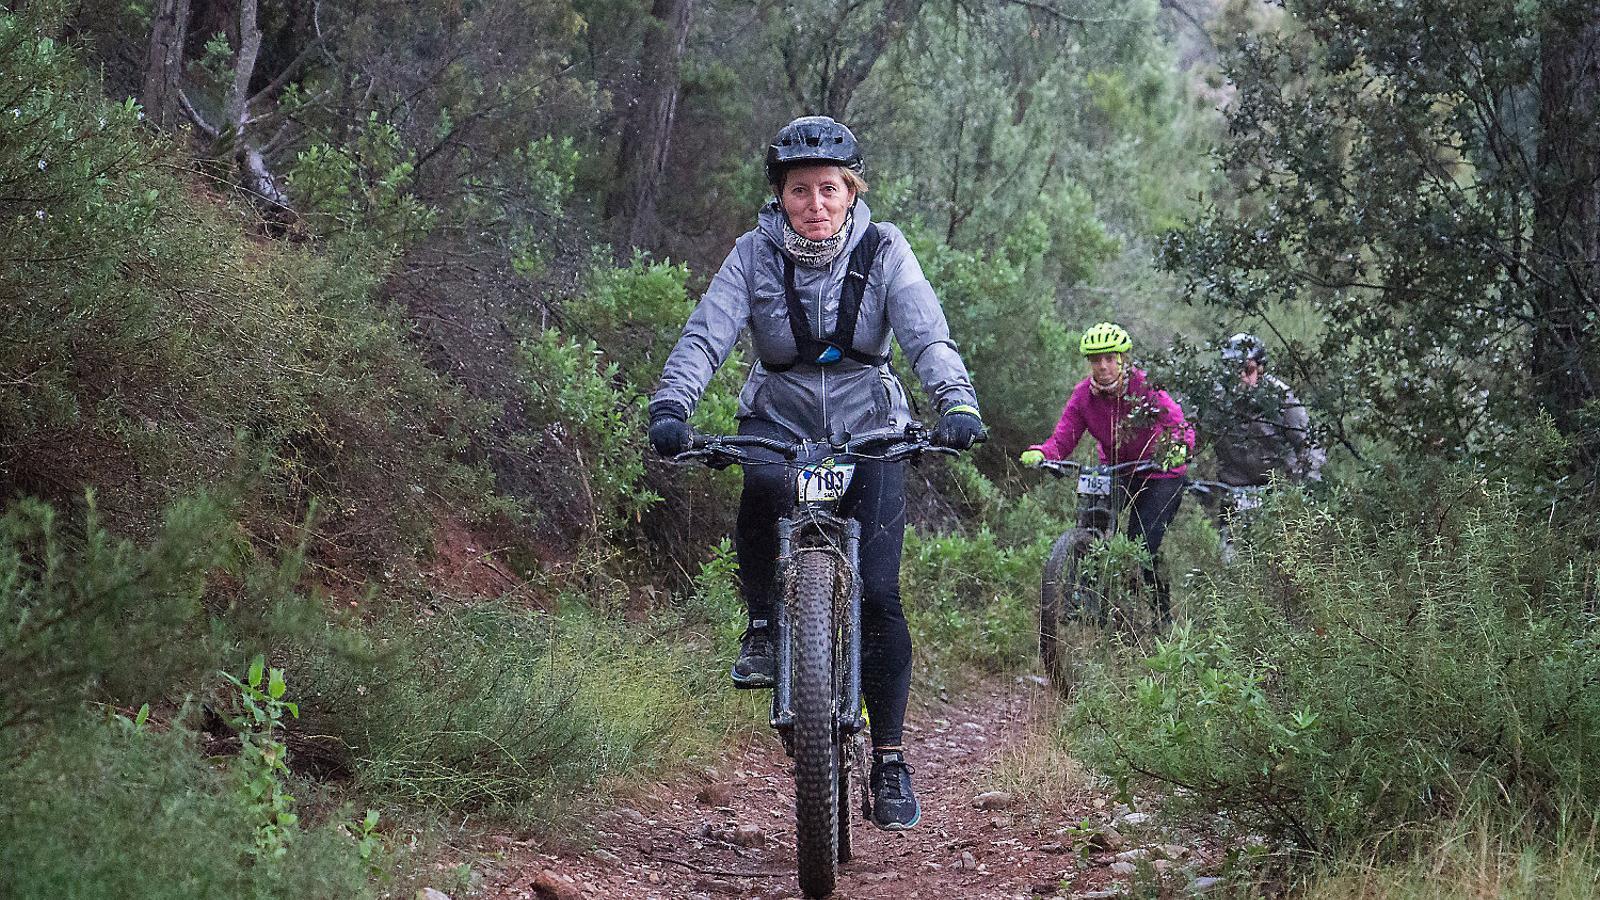 L'avantatge de la bicicleta elèctrica és que facilita que la faci servir gent d'edats diverses i amb diferents nivells de preparació física